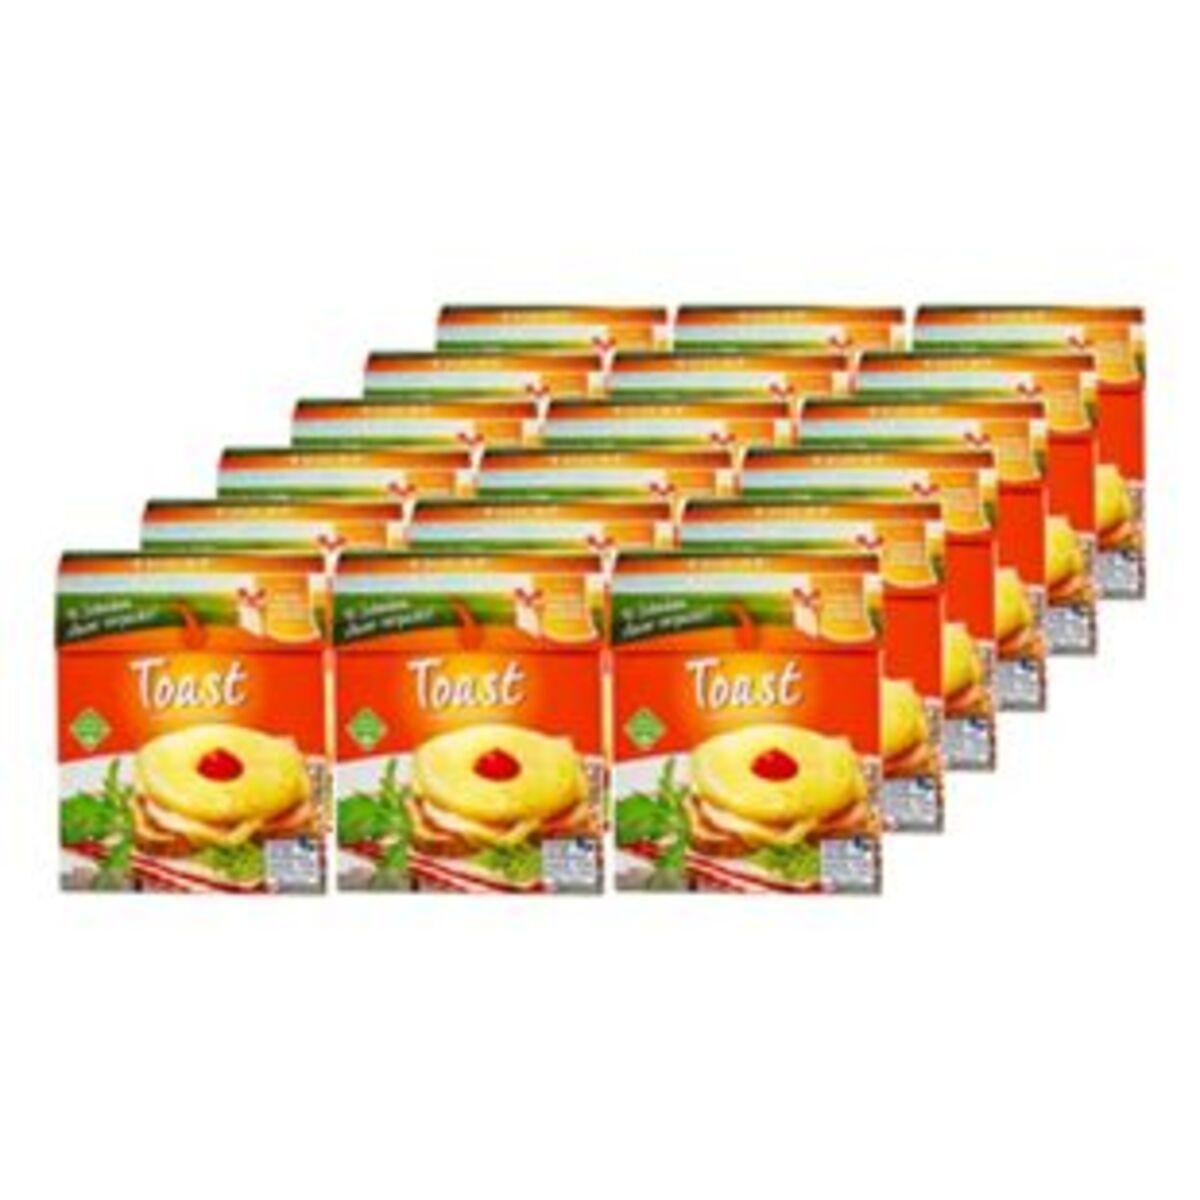 Bild 2 von Toast Schmelzkäse Scheiben 250 g, 18er Pack